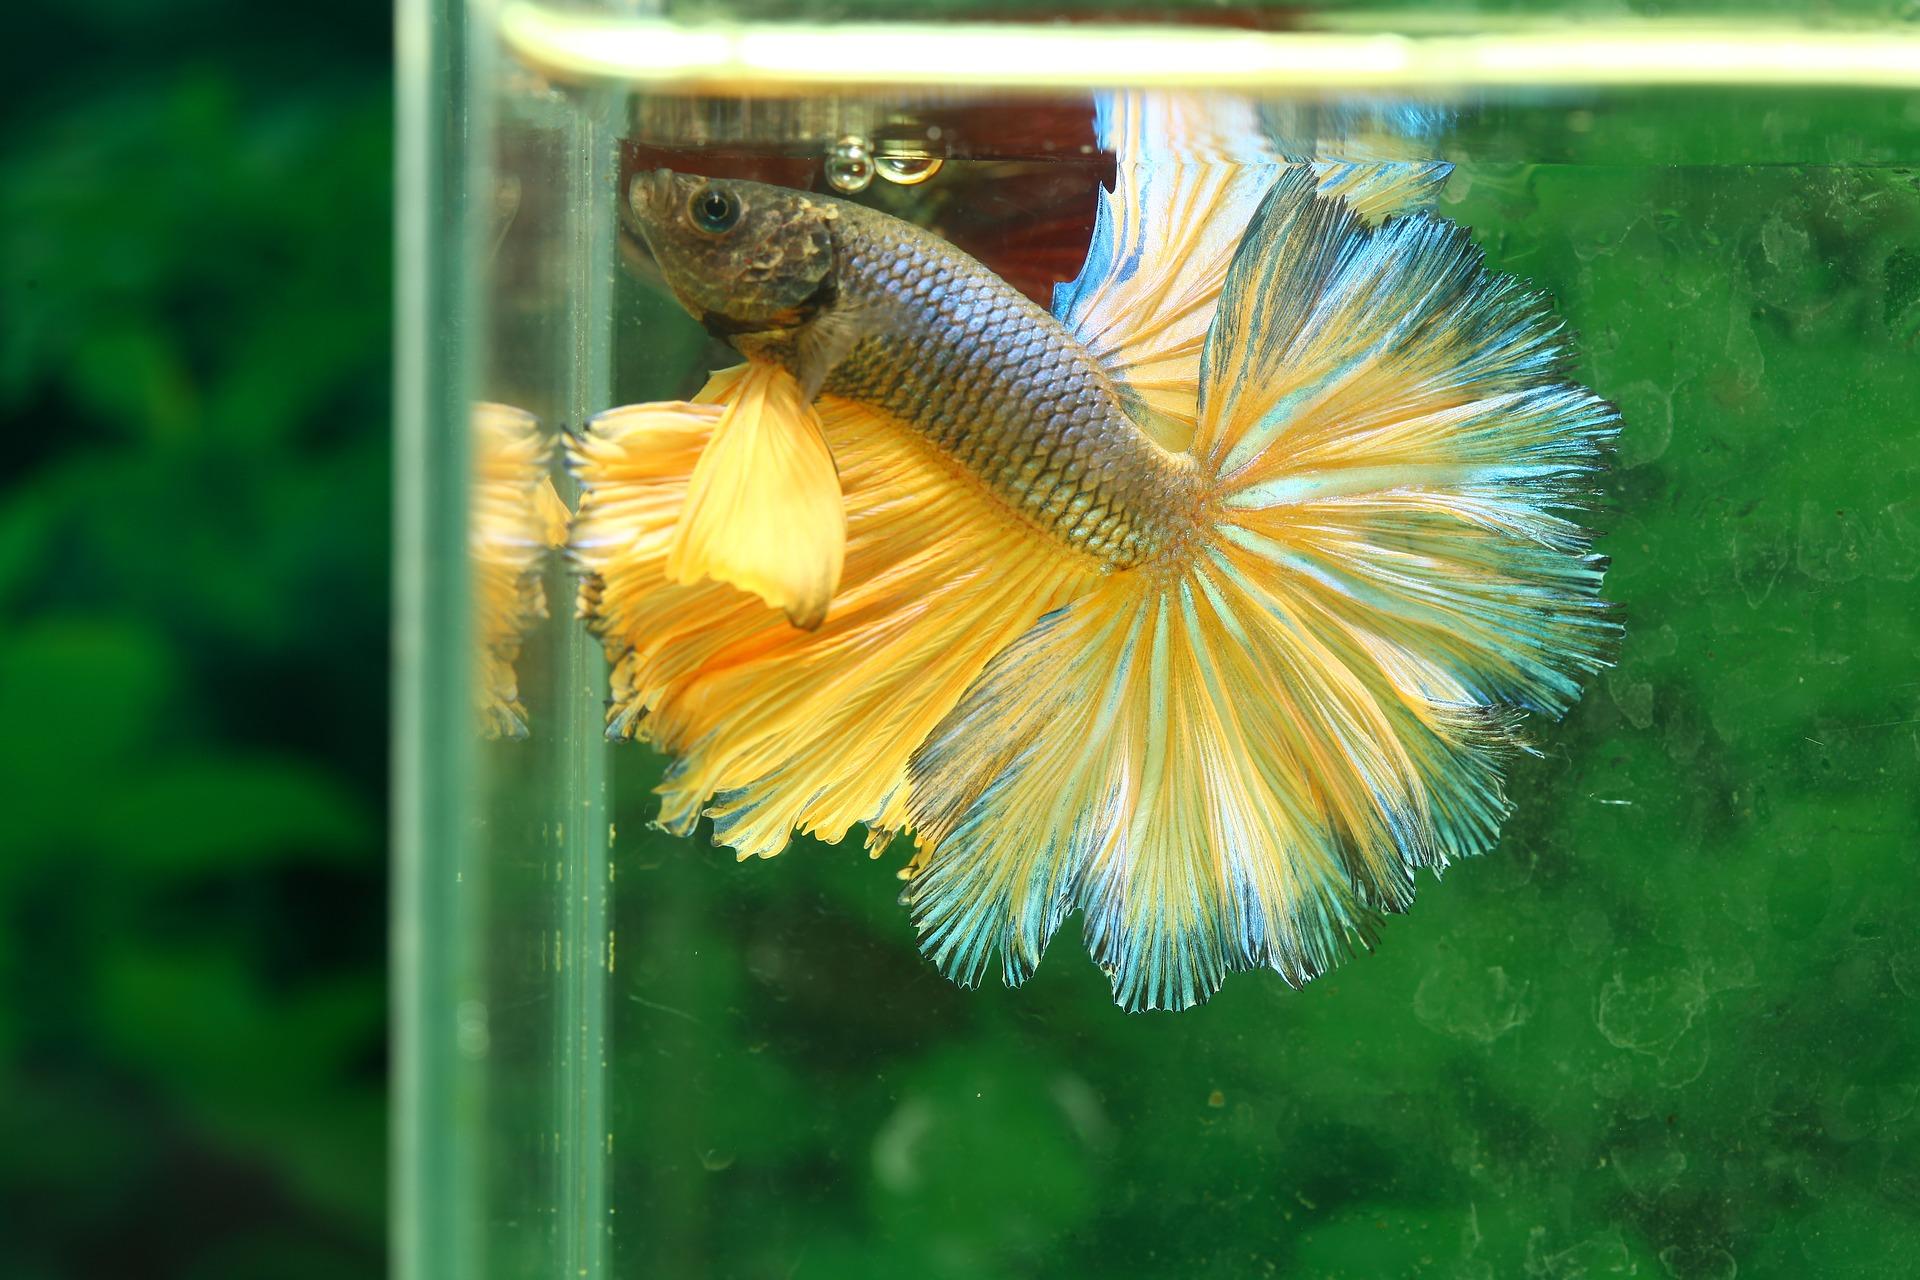 A Betta (Siamese fighting) fish.